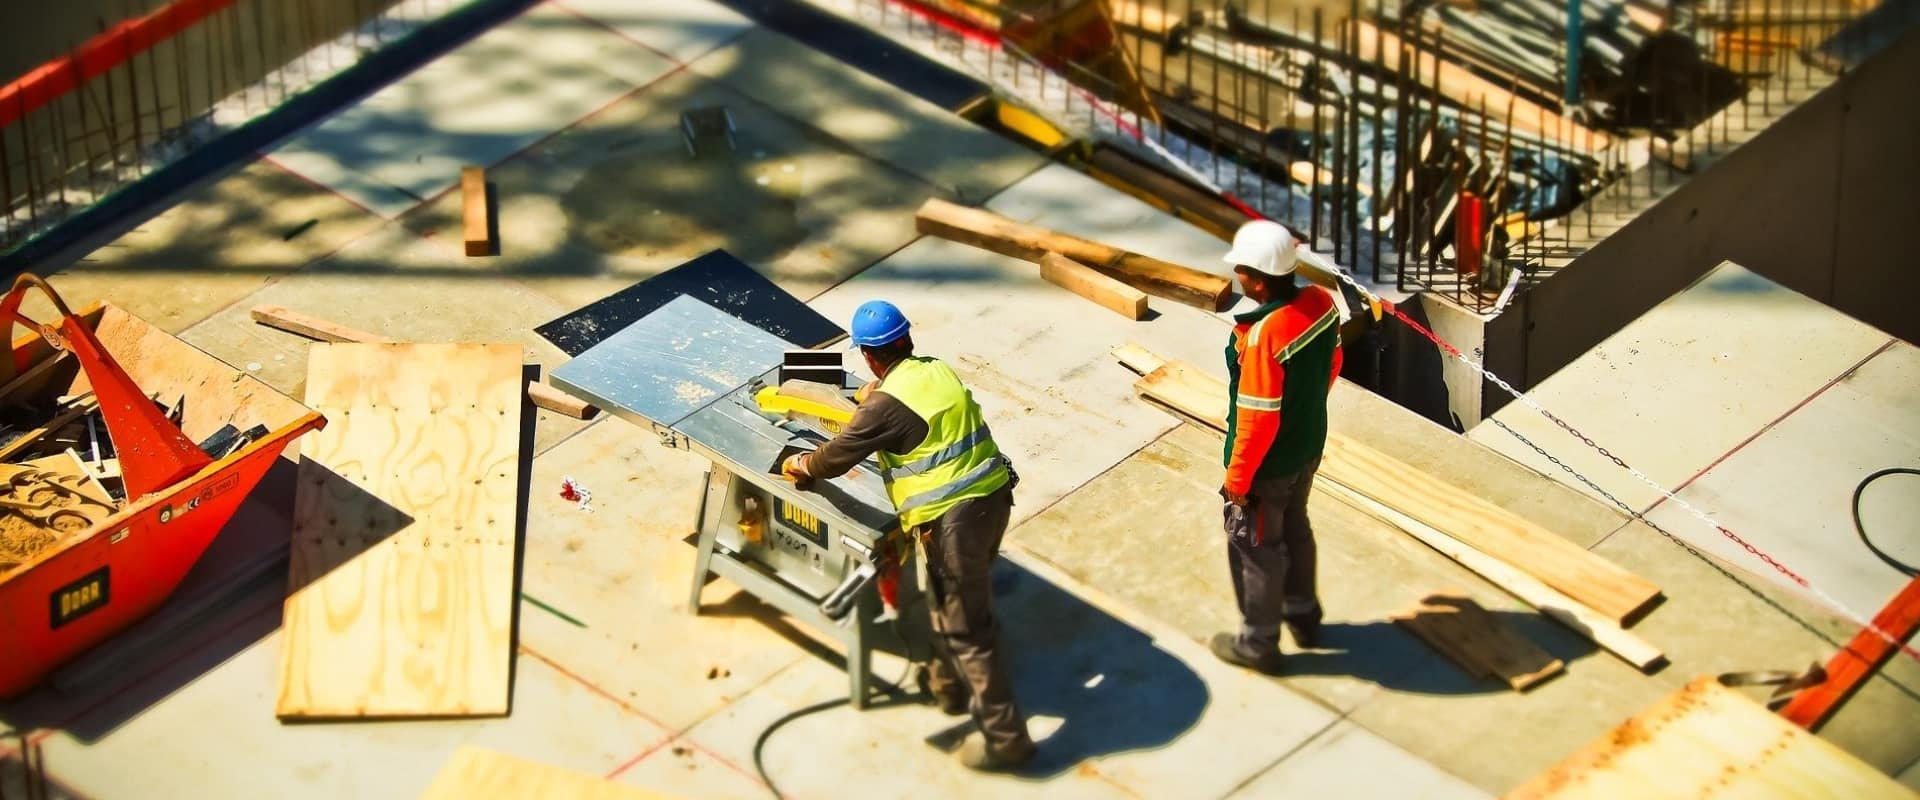 Abstellorte bei Baustellen-Belieferungen tracken und einsehen